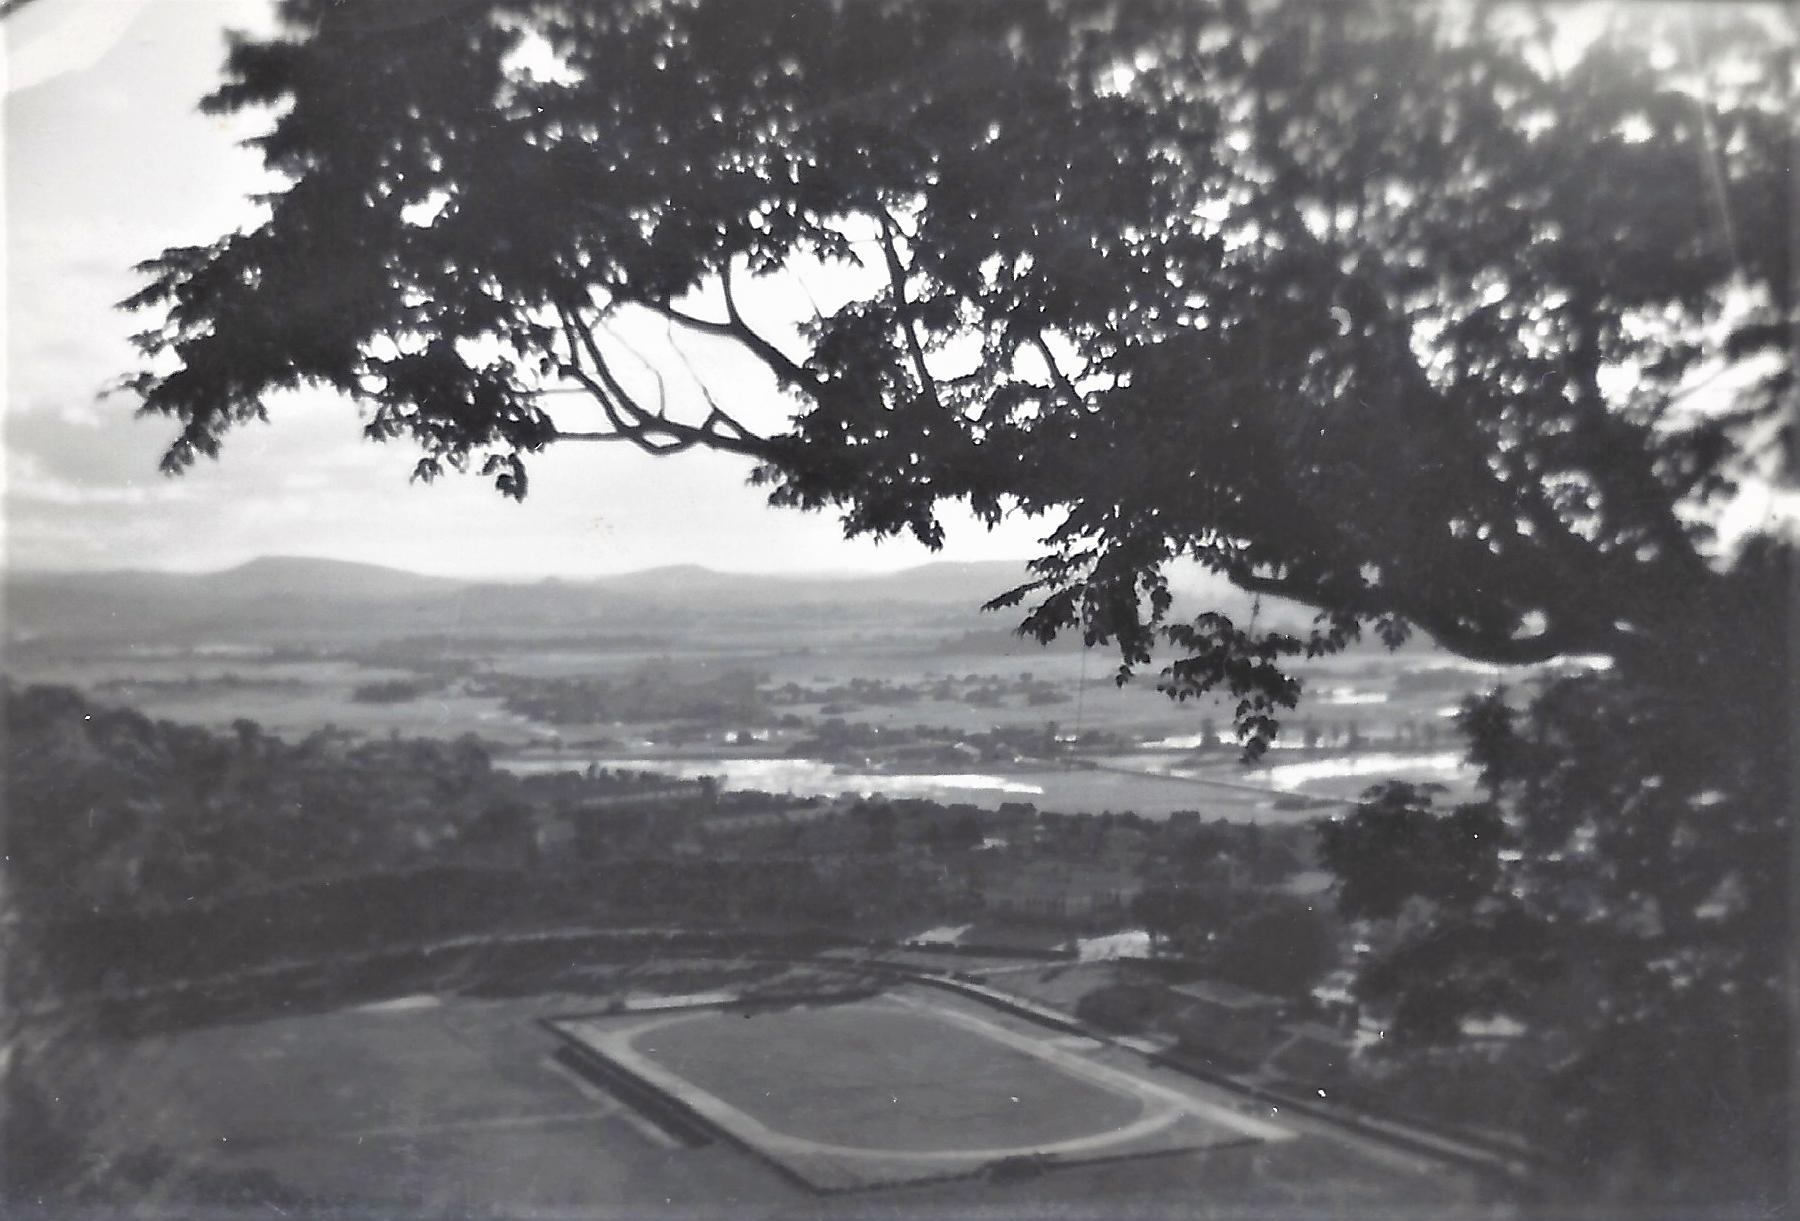 Mahamasina, Tananarive